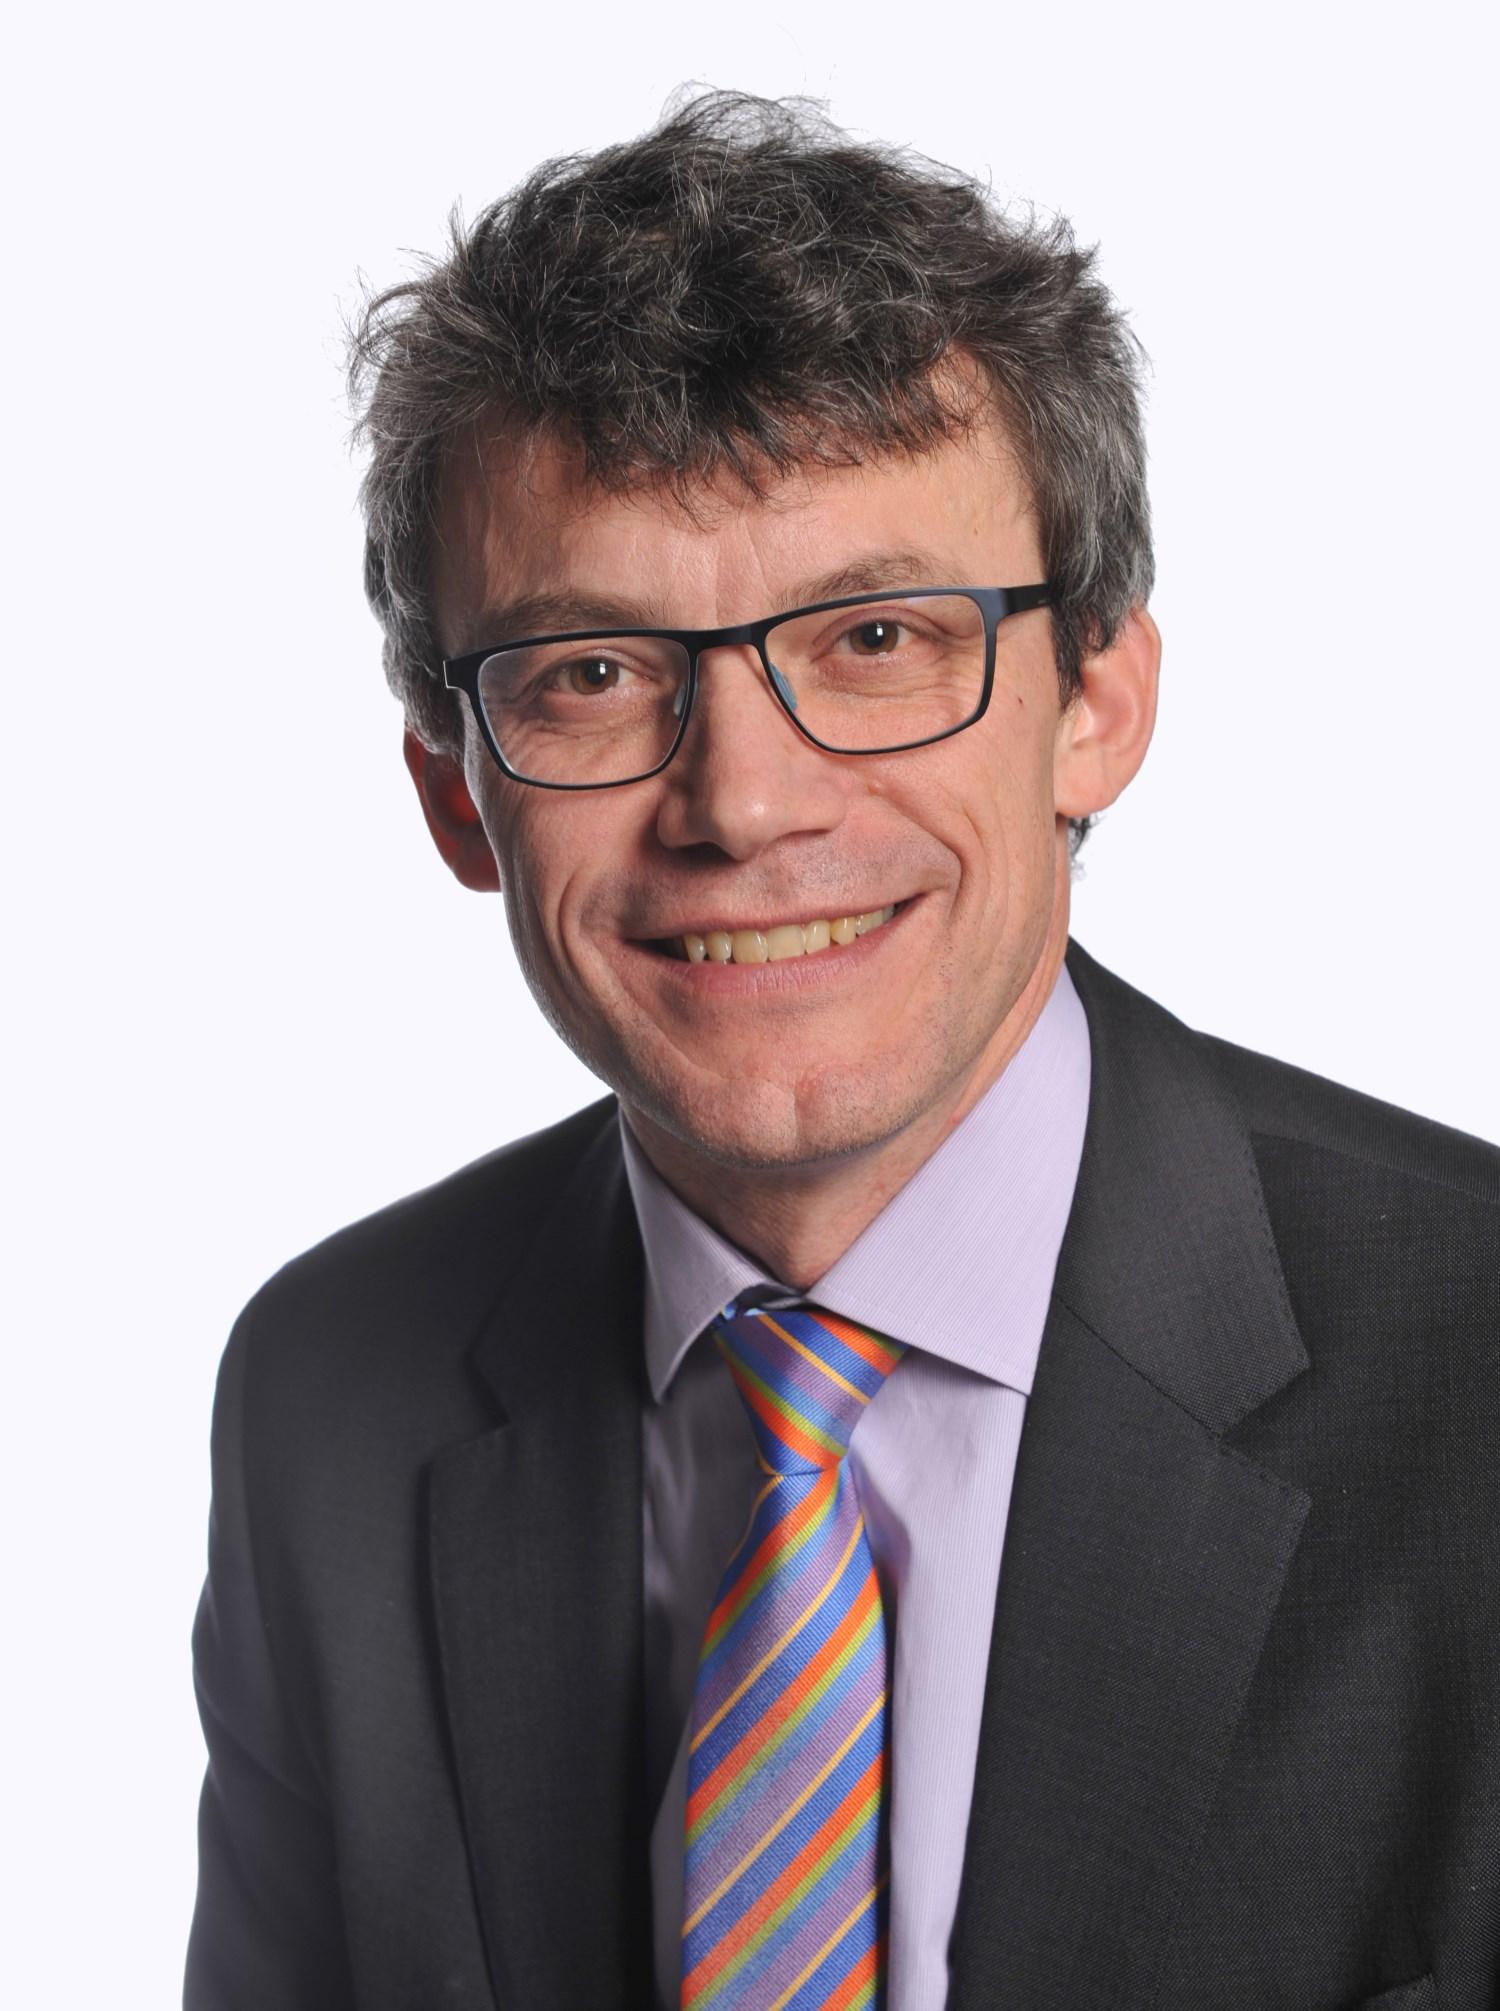 Benoît Capitant, mc2i Groupe